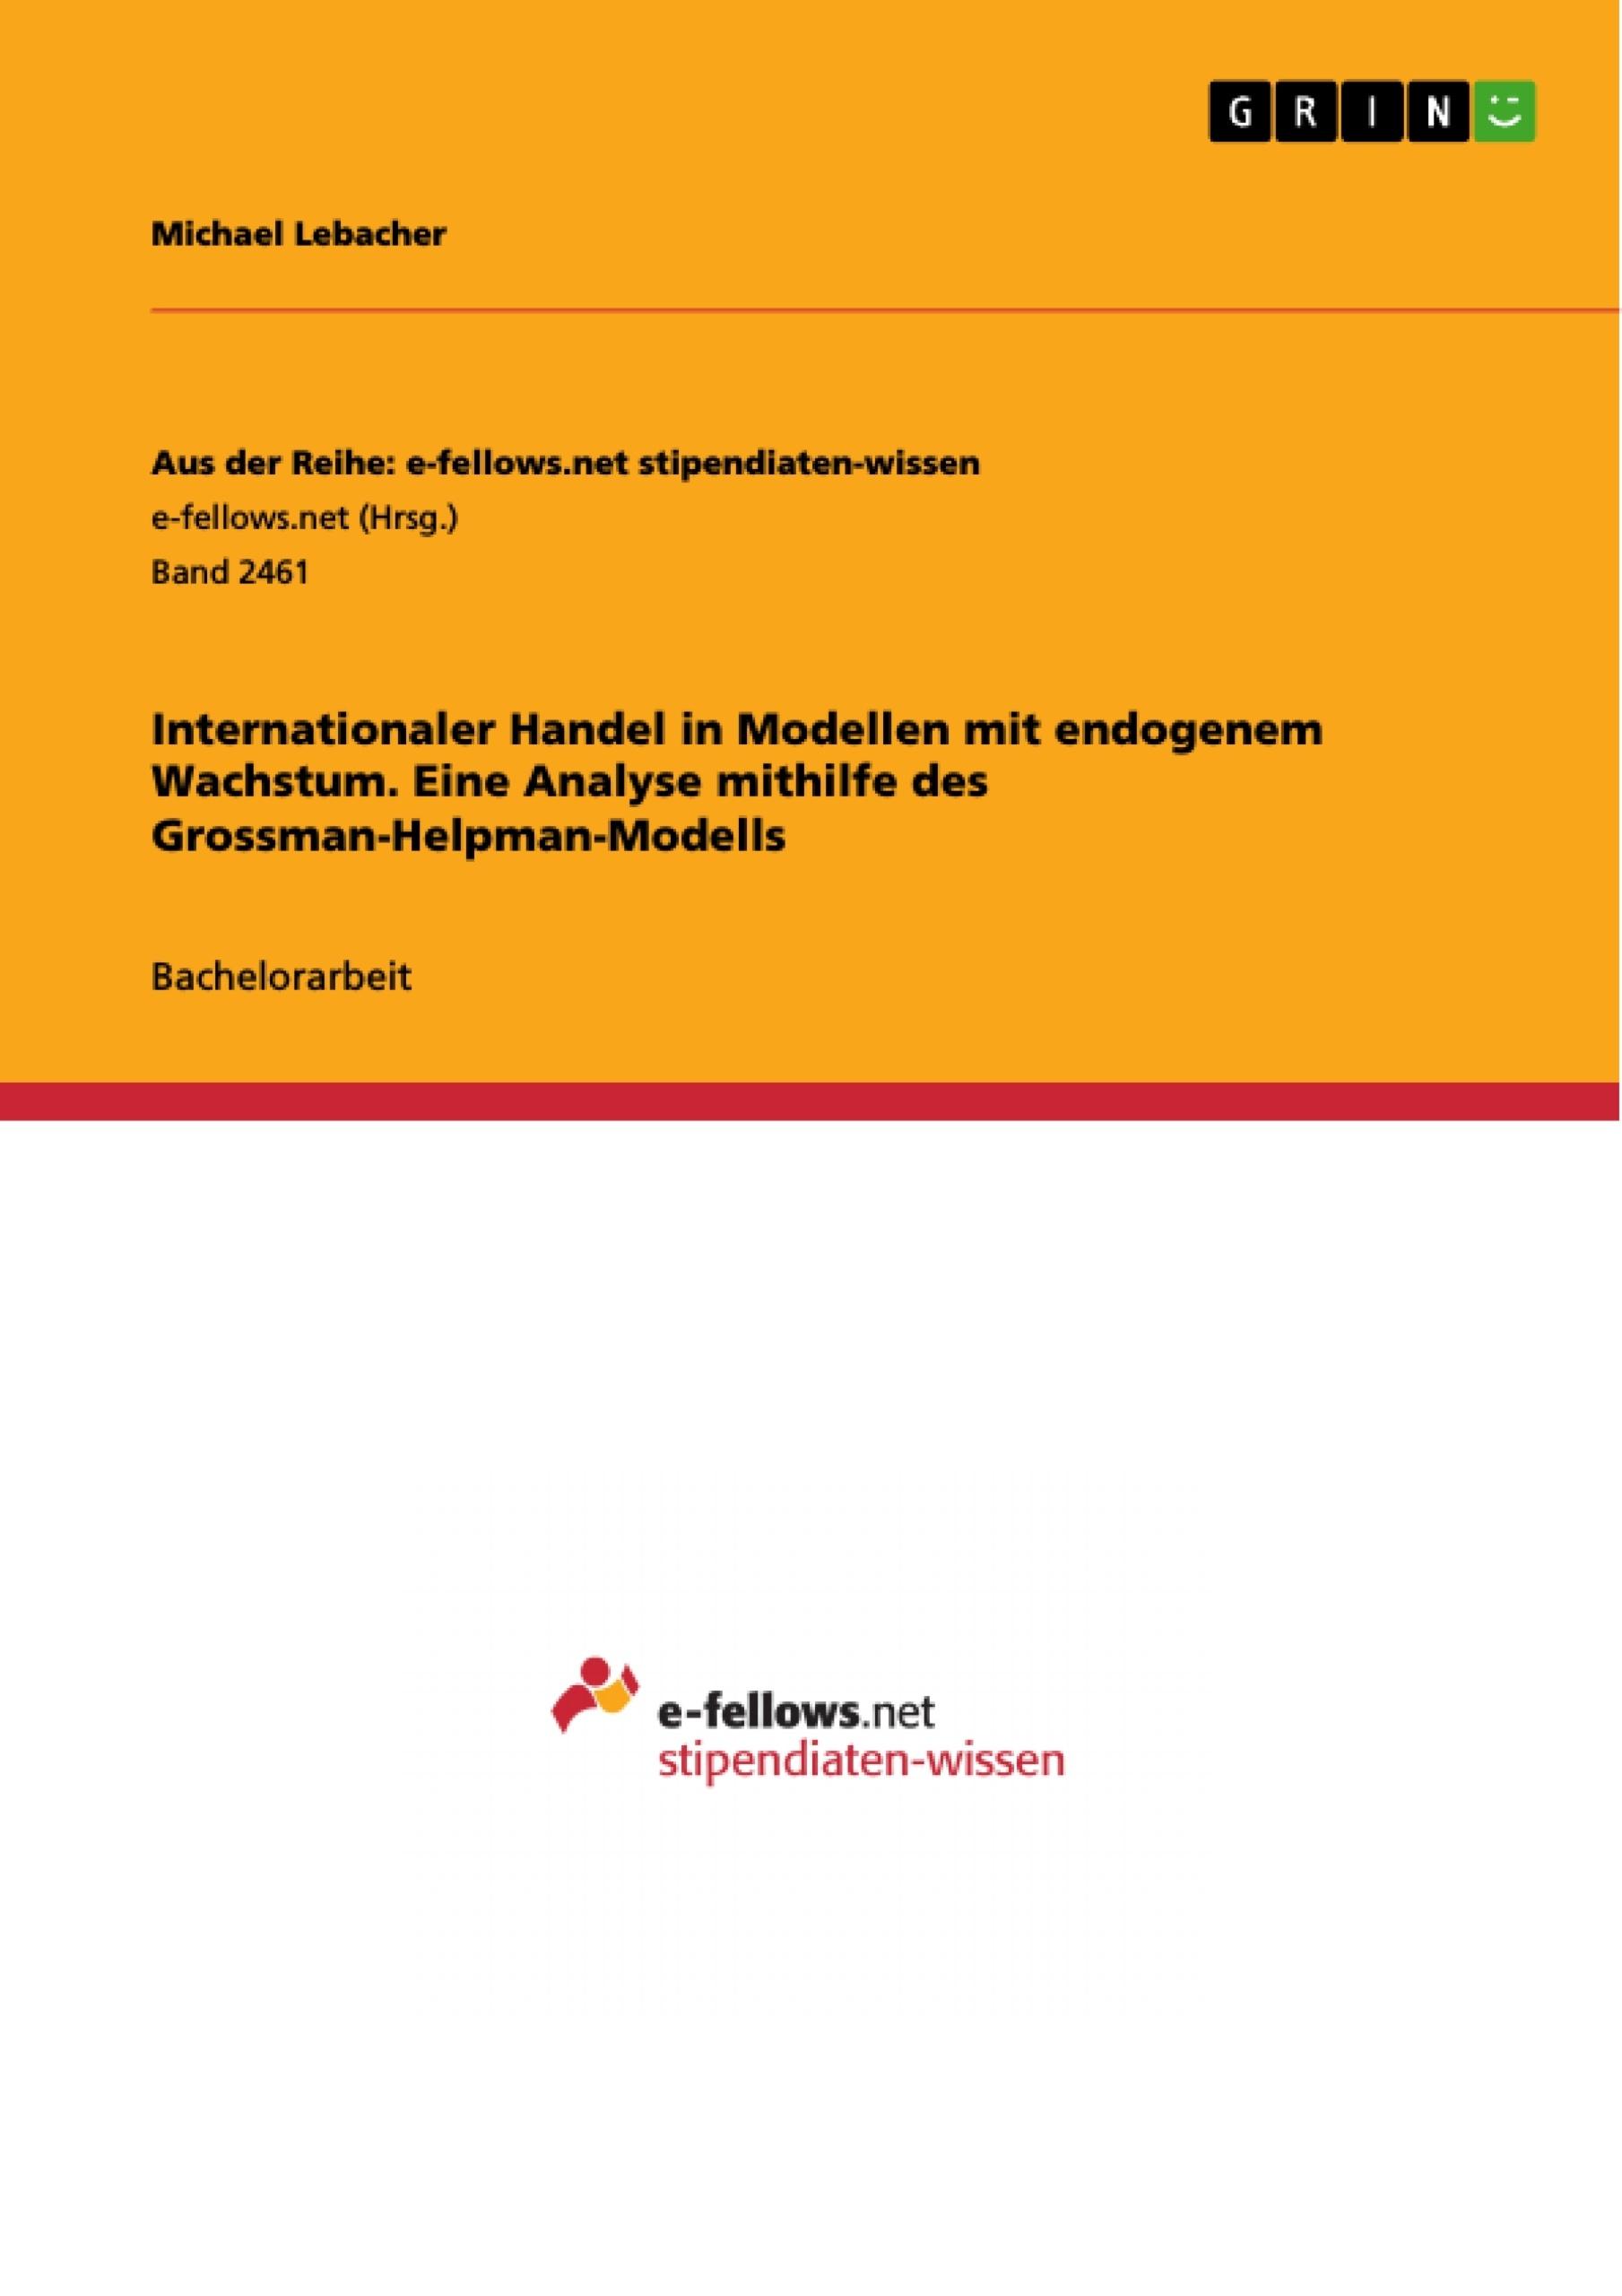 Titel: Internationaler Handel in Modellen mit endogenem Wachstum. Eine Analyse mithilfe des Grossman-Helpman-Modells